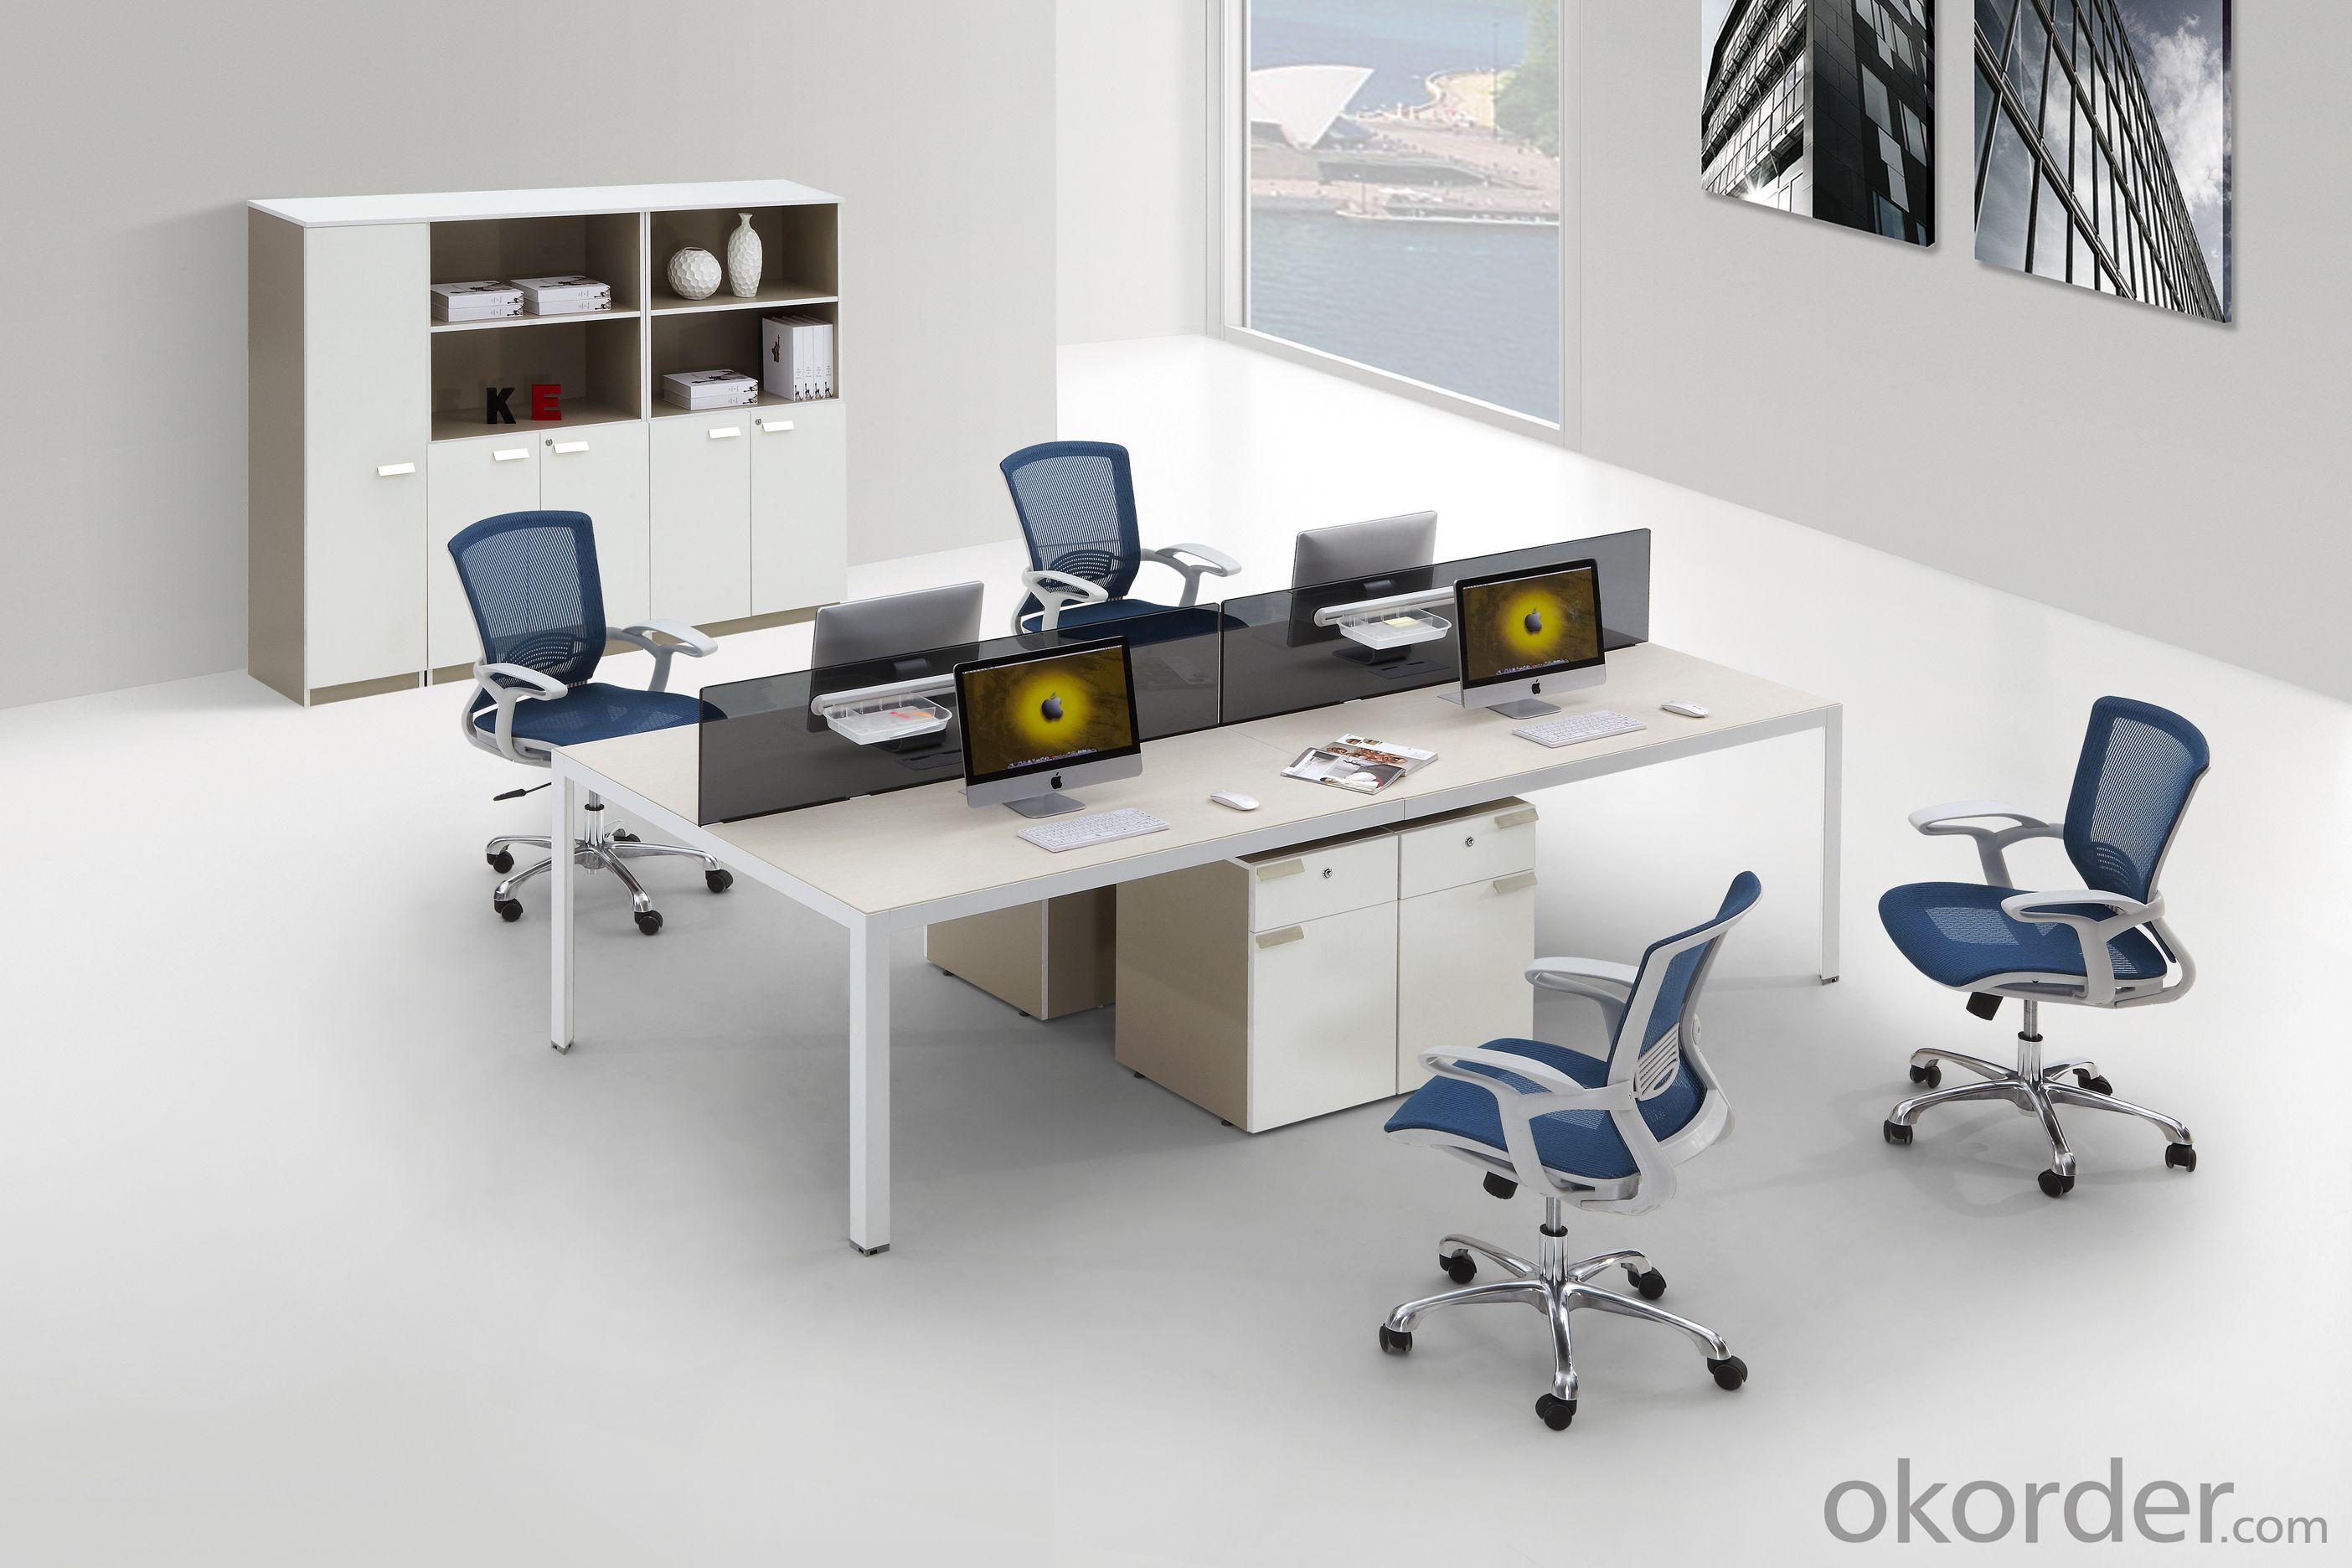 Office desk model-12